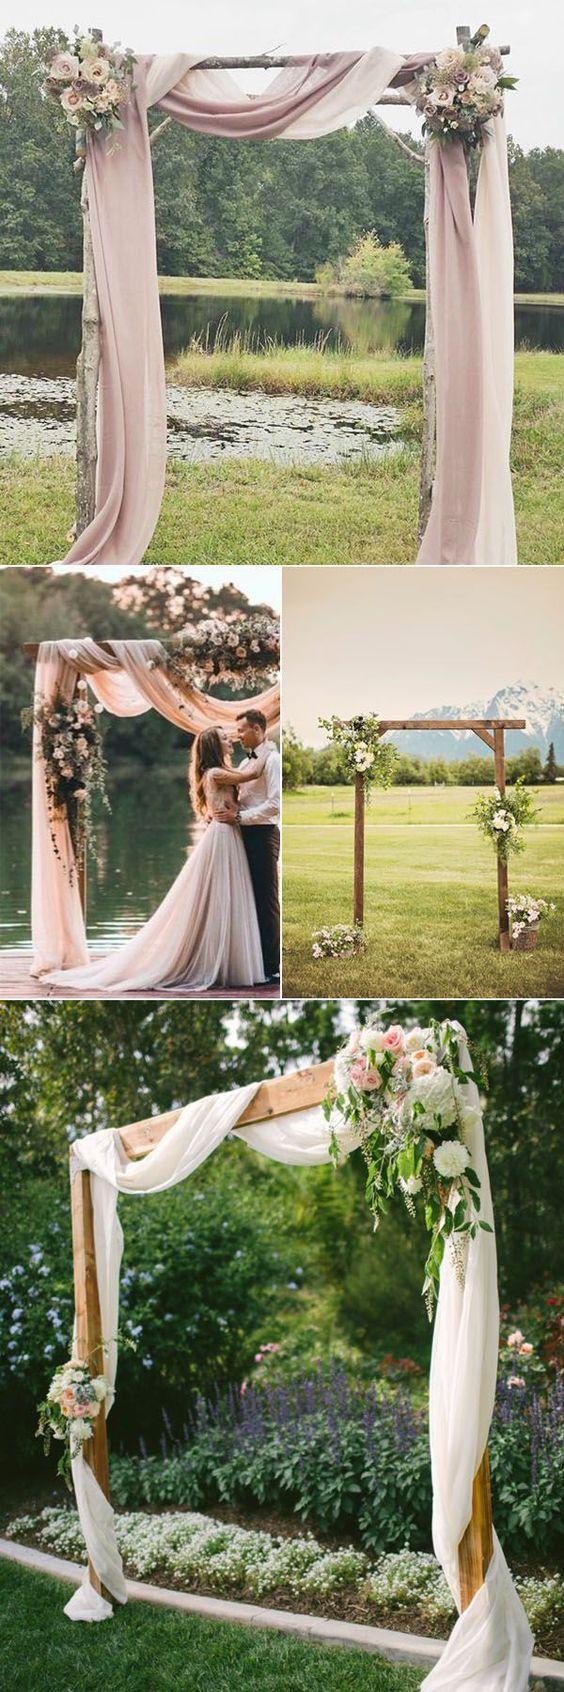 32 rustikale Hochzeitsdekoration Ideen, um Ihren großen Tag zu inspirieren #hochzeitsdekoration #ideen #ihren #inspirieren #rustikale